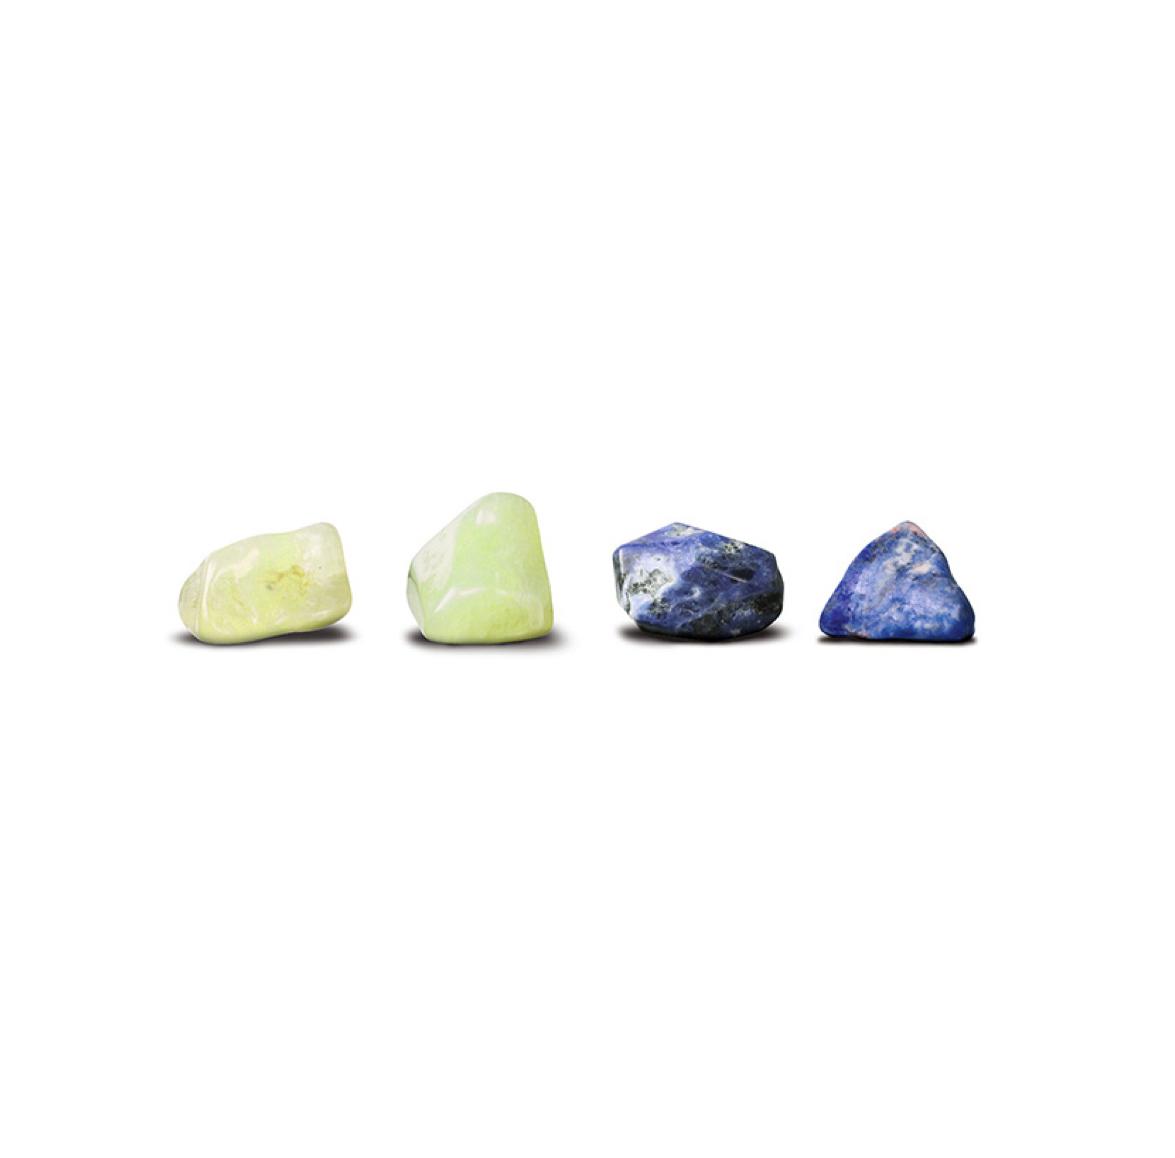 kit-de-minerales-crystal-mining-de-4m-en-el-mundo-de-mico-3